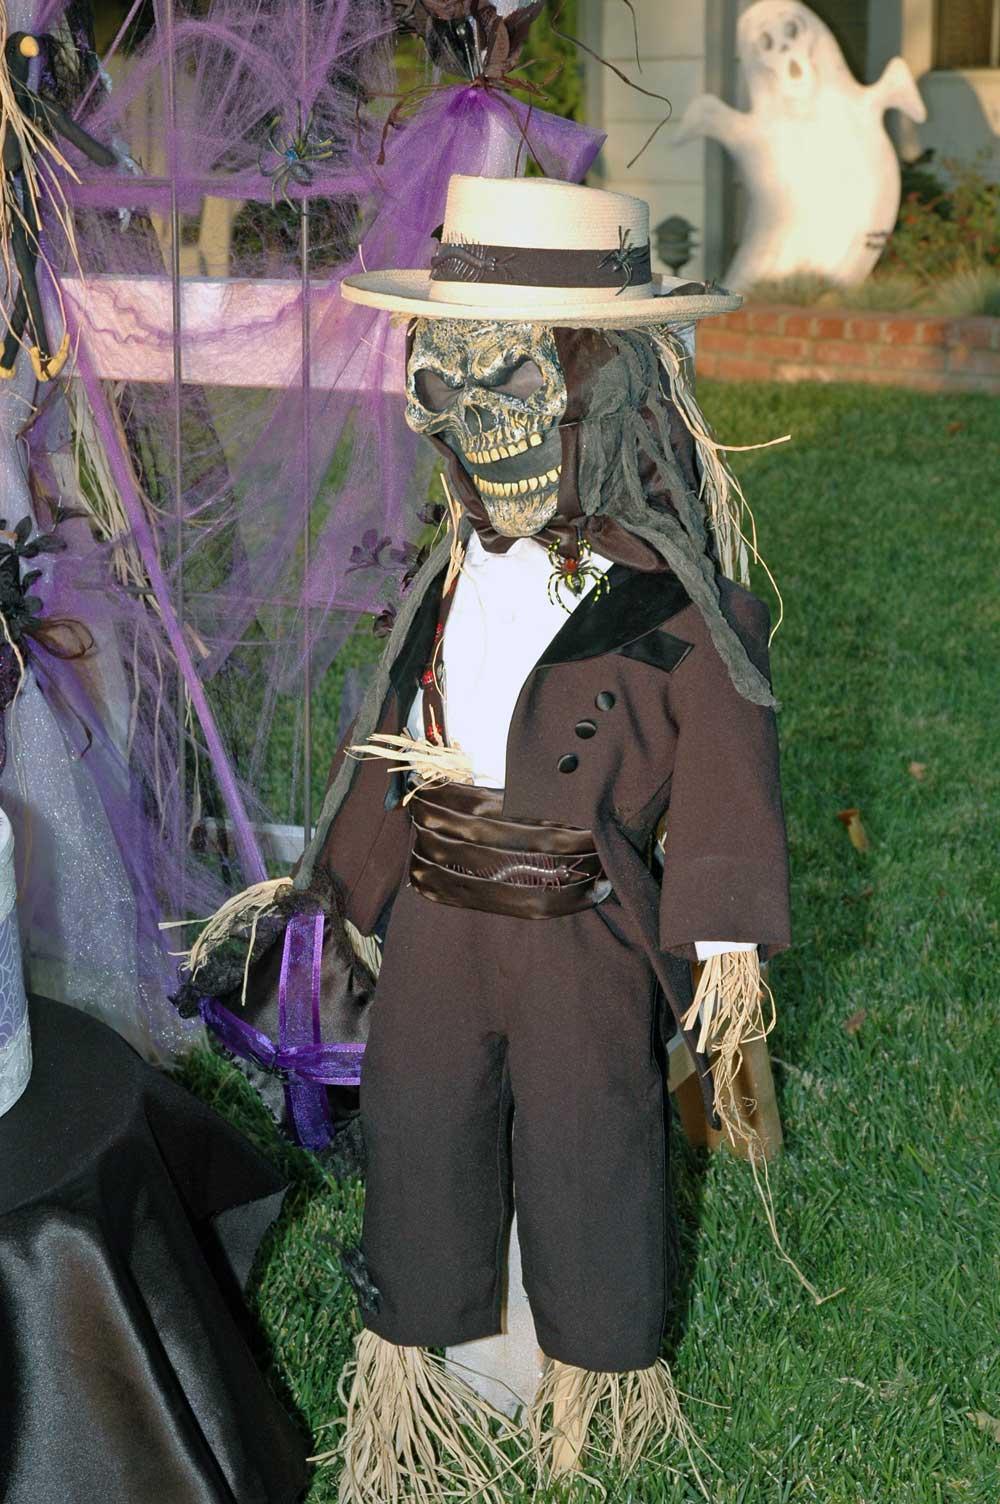 Isn't he handsome in his little tuxedo? Ring bearer for Frankenstein.